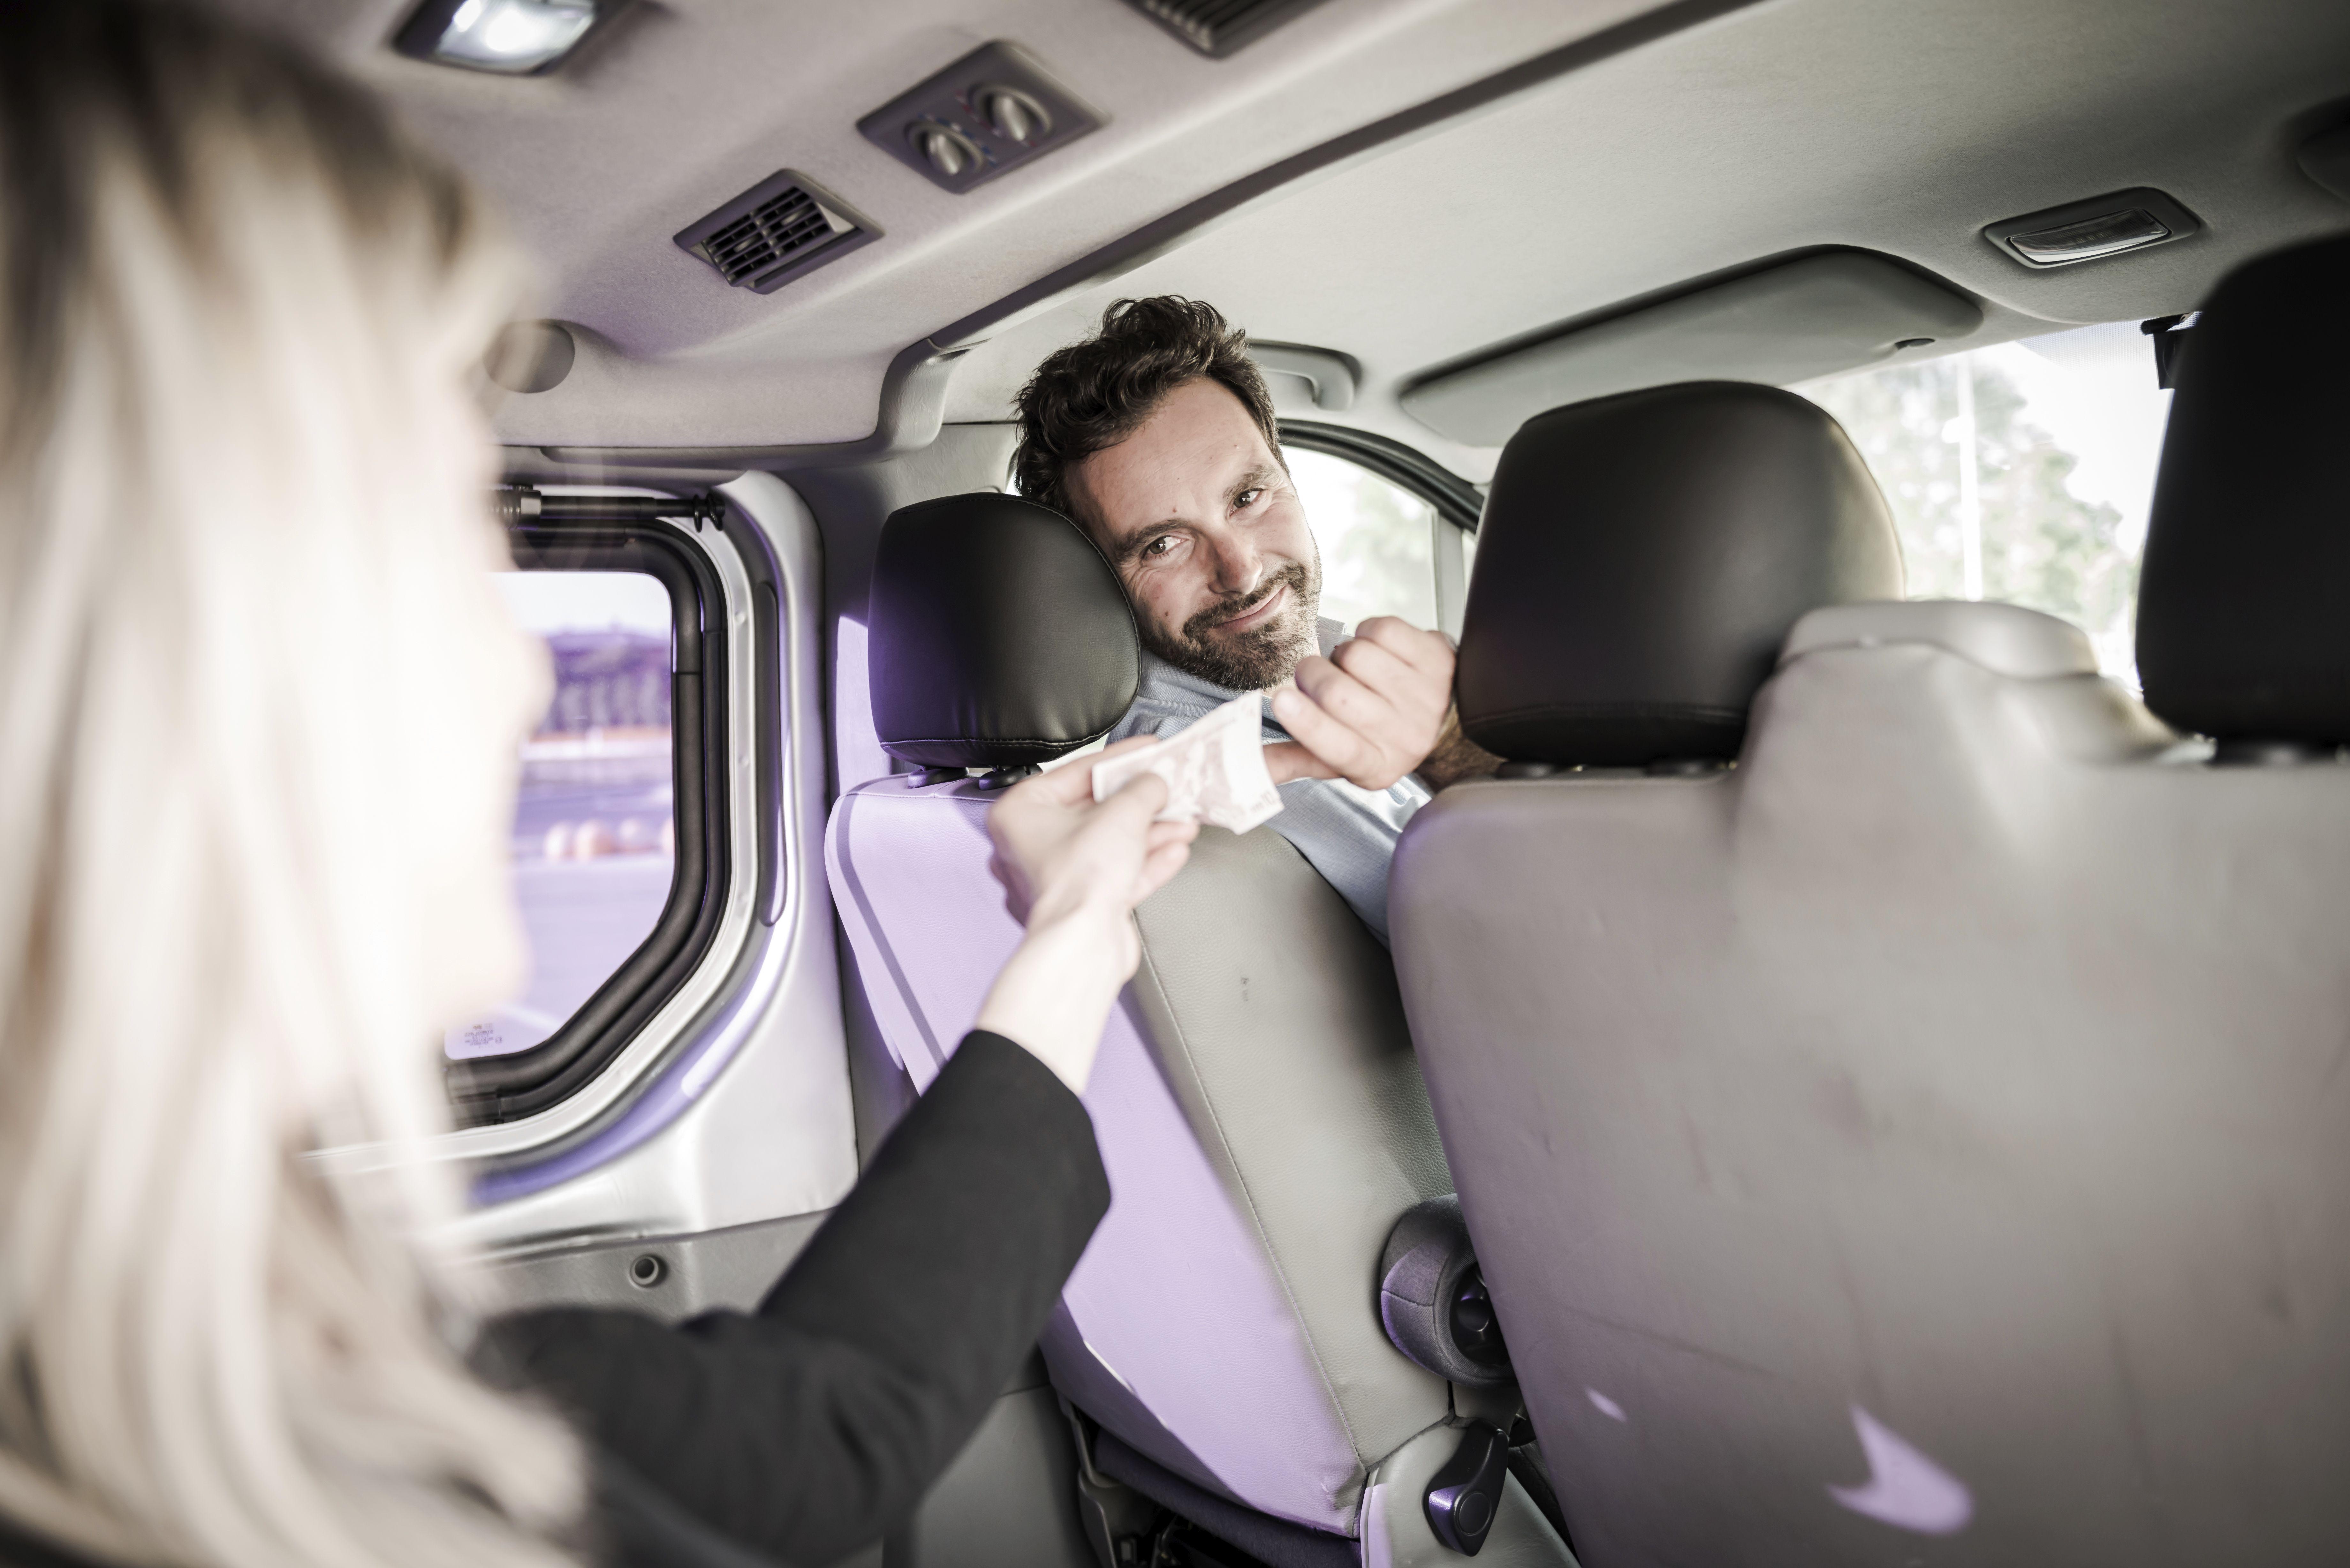 Presupuesto sin compromiso, precios económicos: Servicios de Taxi 24h Aranda